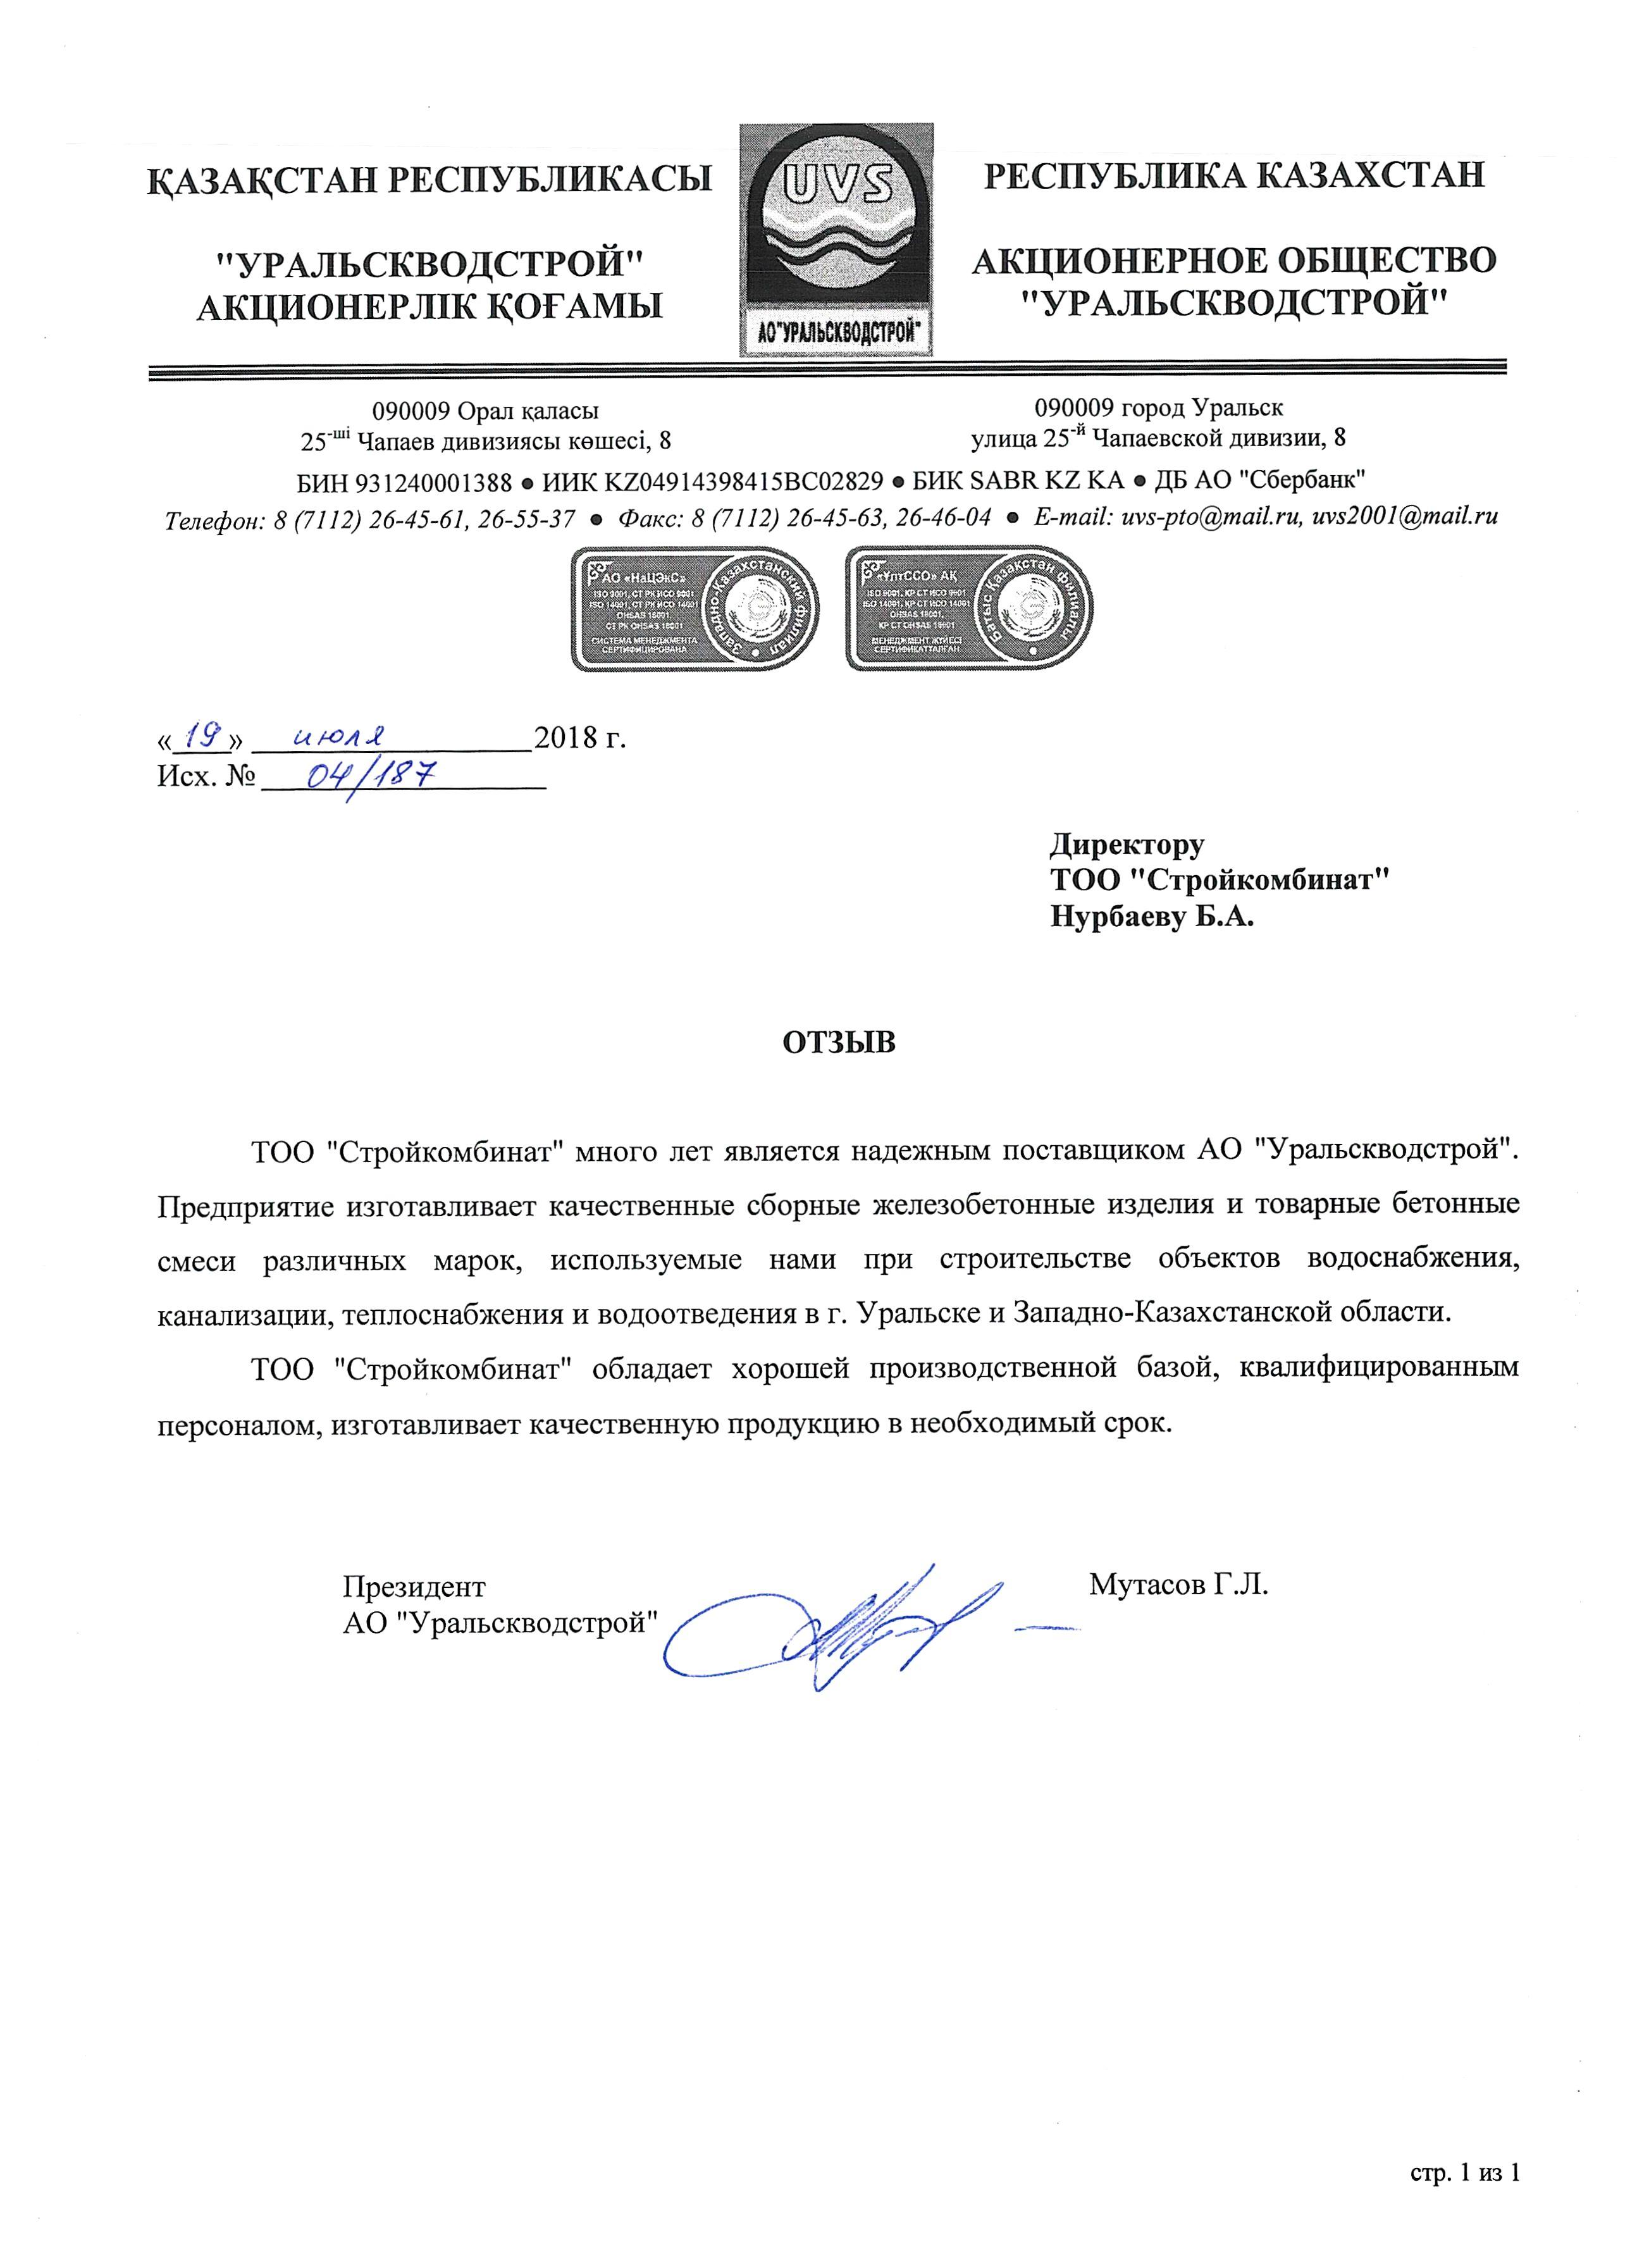 АО «Уральскводстрой»